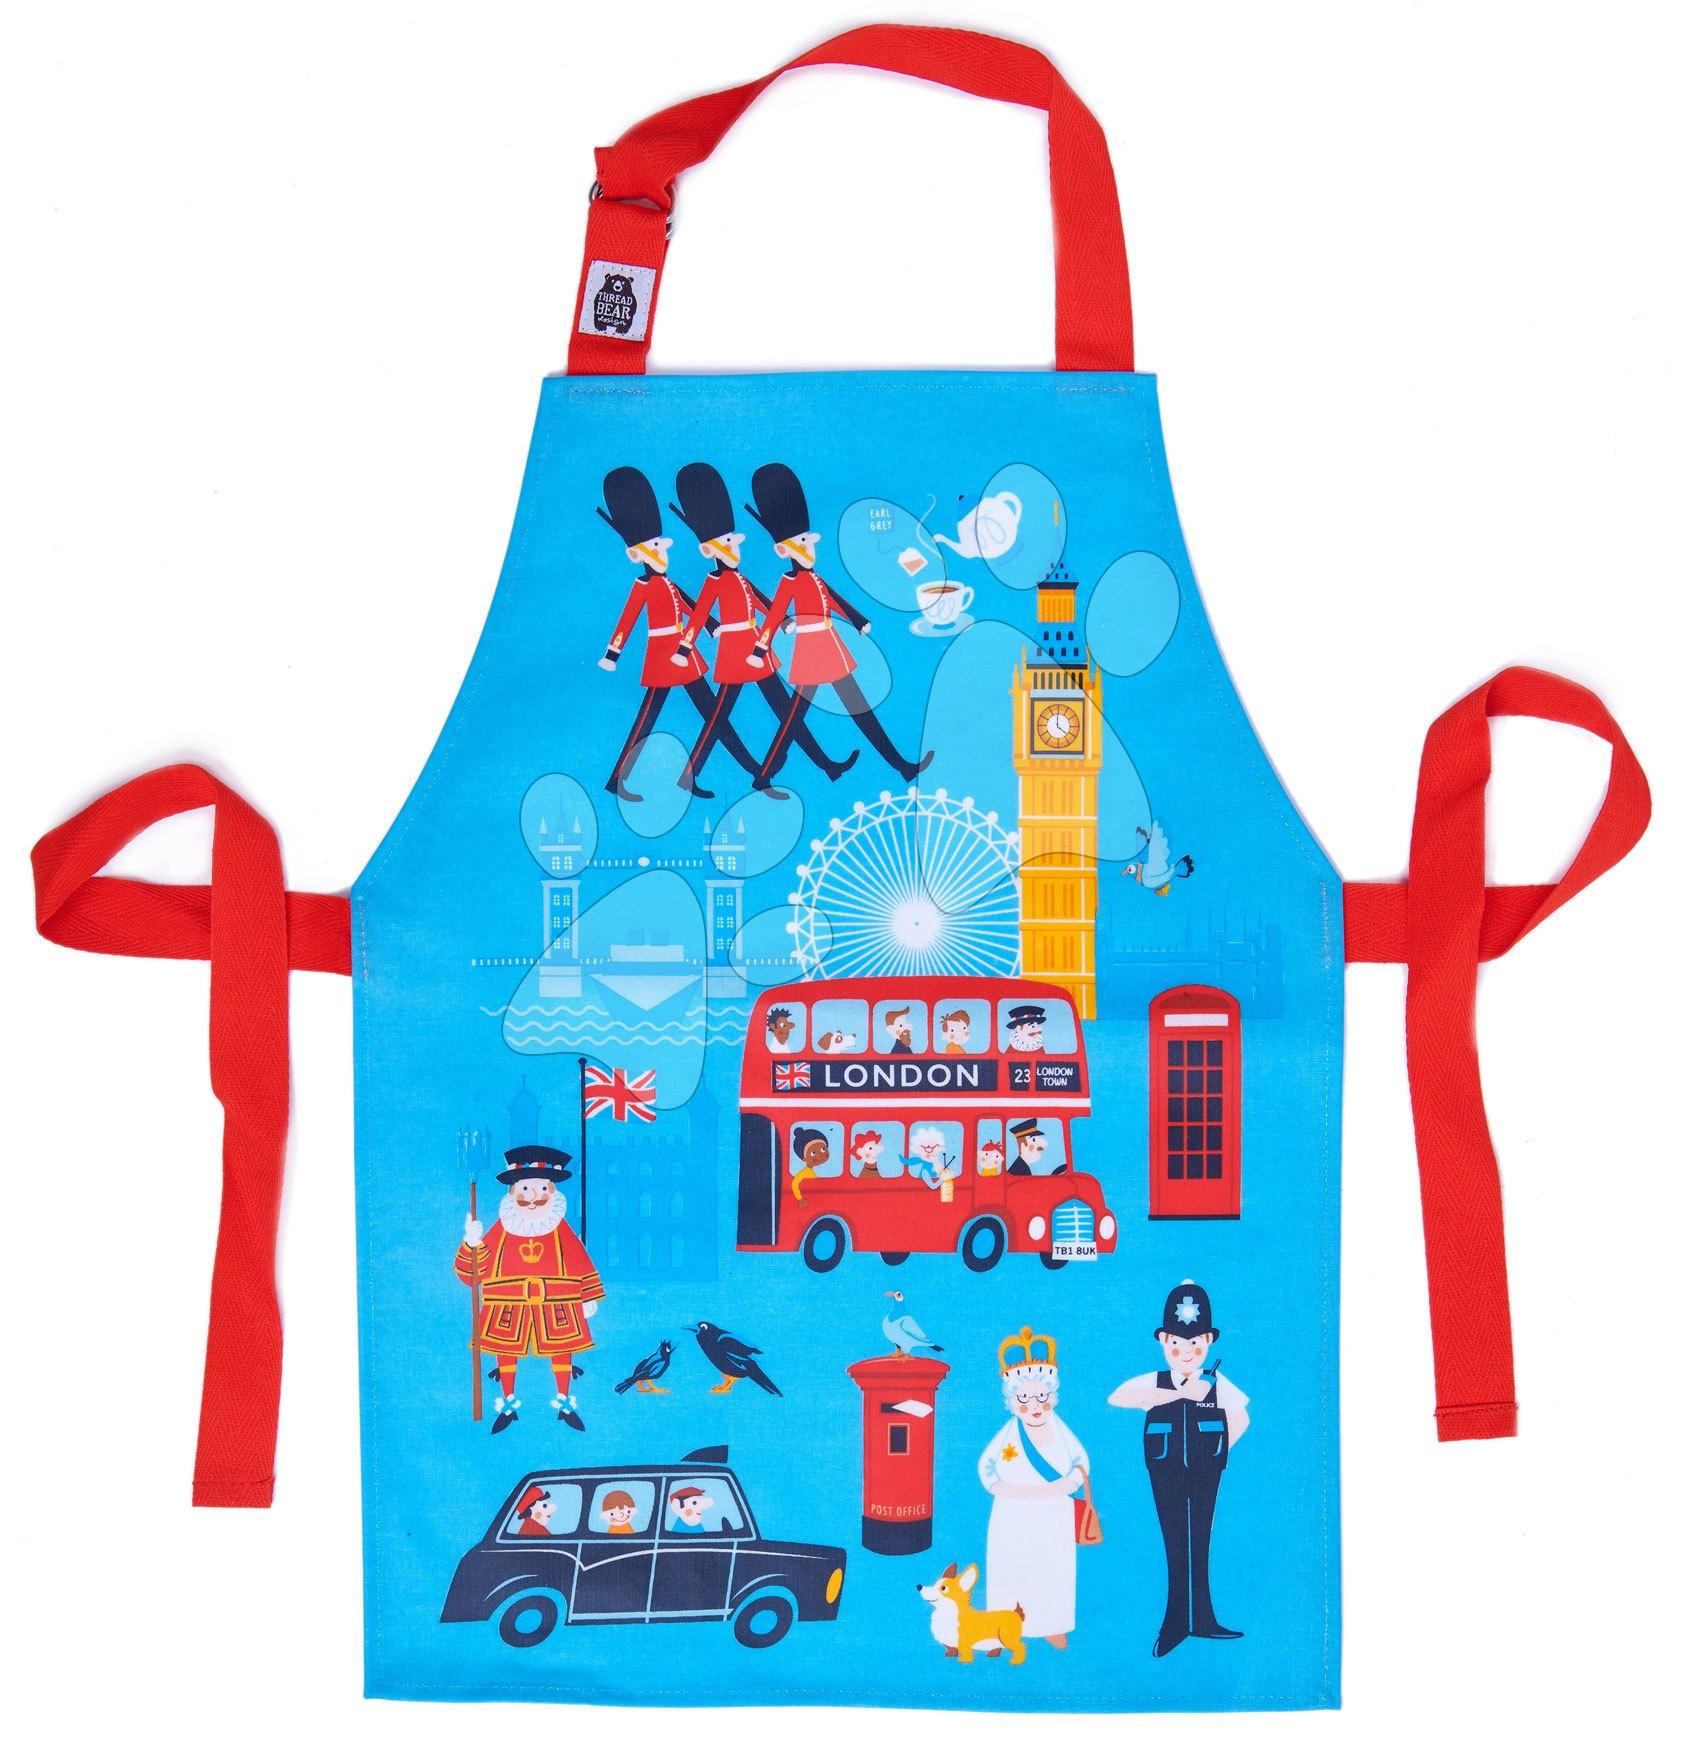 Zástera pre deti mesto London Town Apron ThreadBear s ochrannou vrstvou od 3-6 rokov